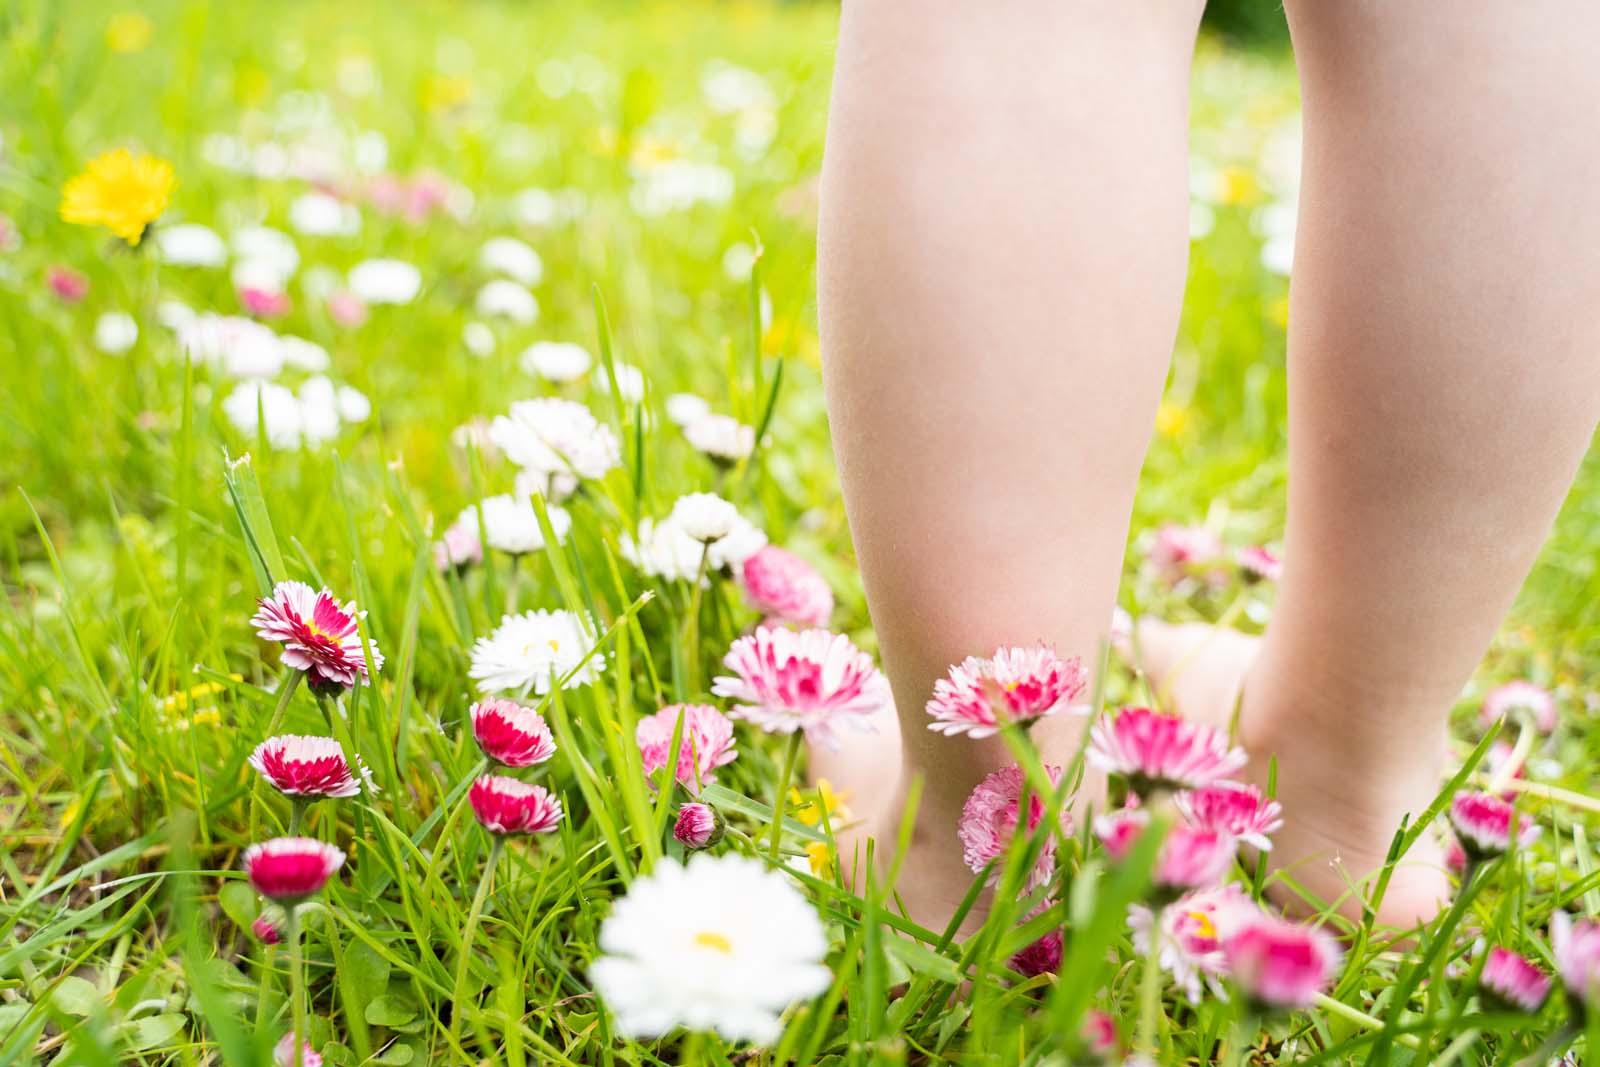 Frisches Gras wischen den Zehen spüren, das ist Frühling